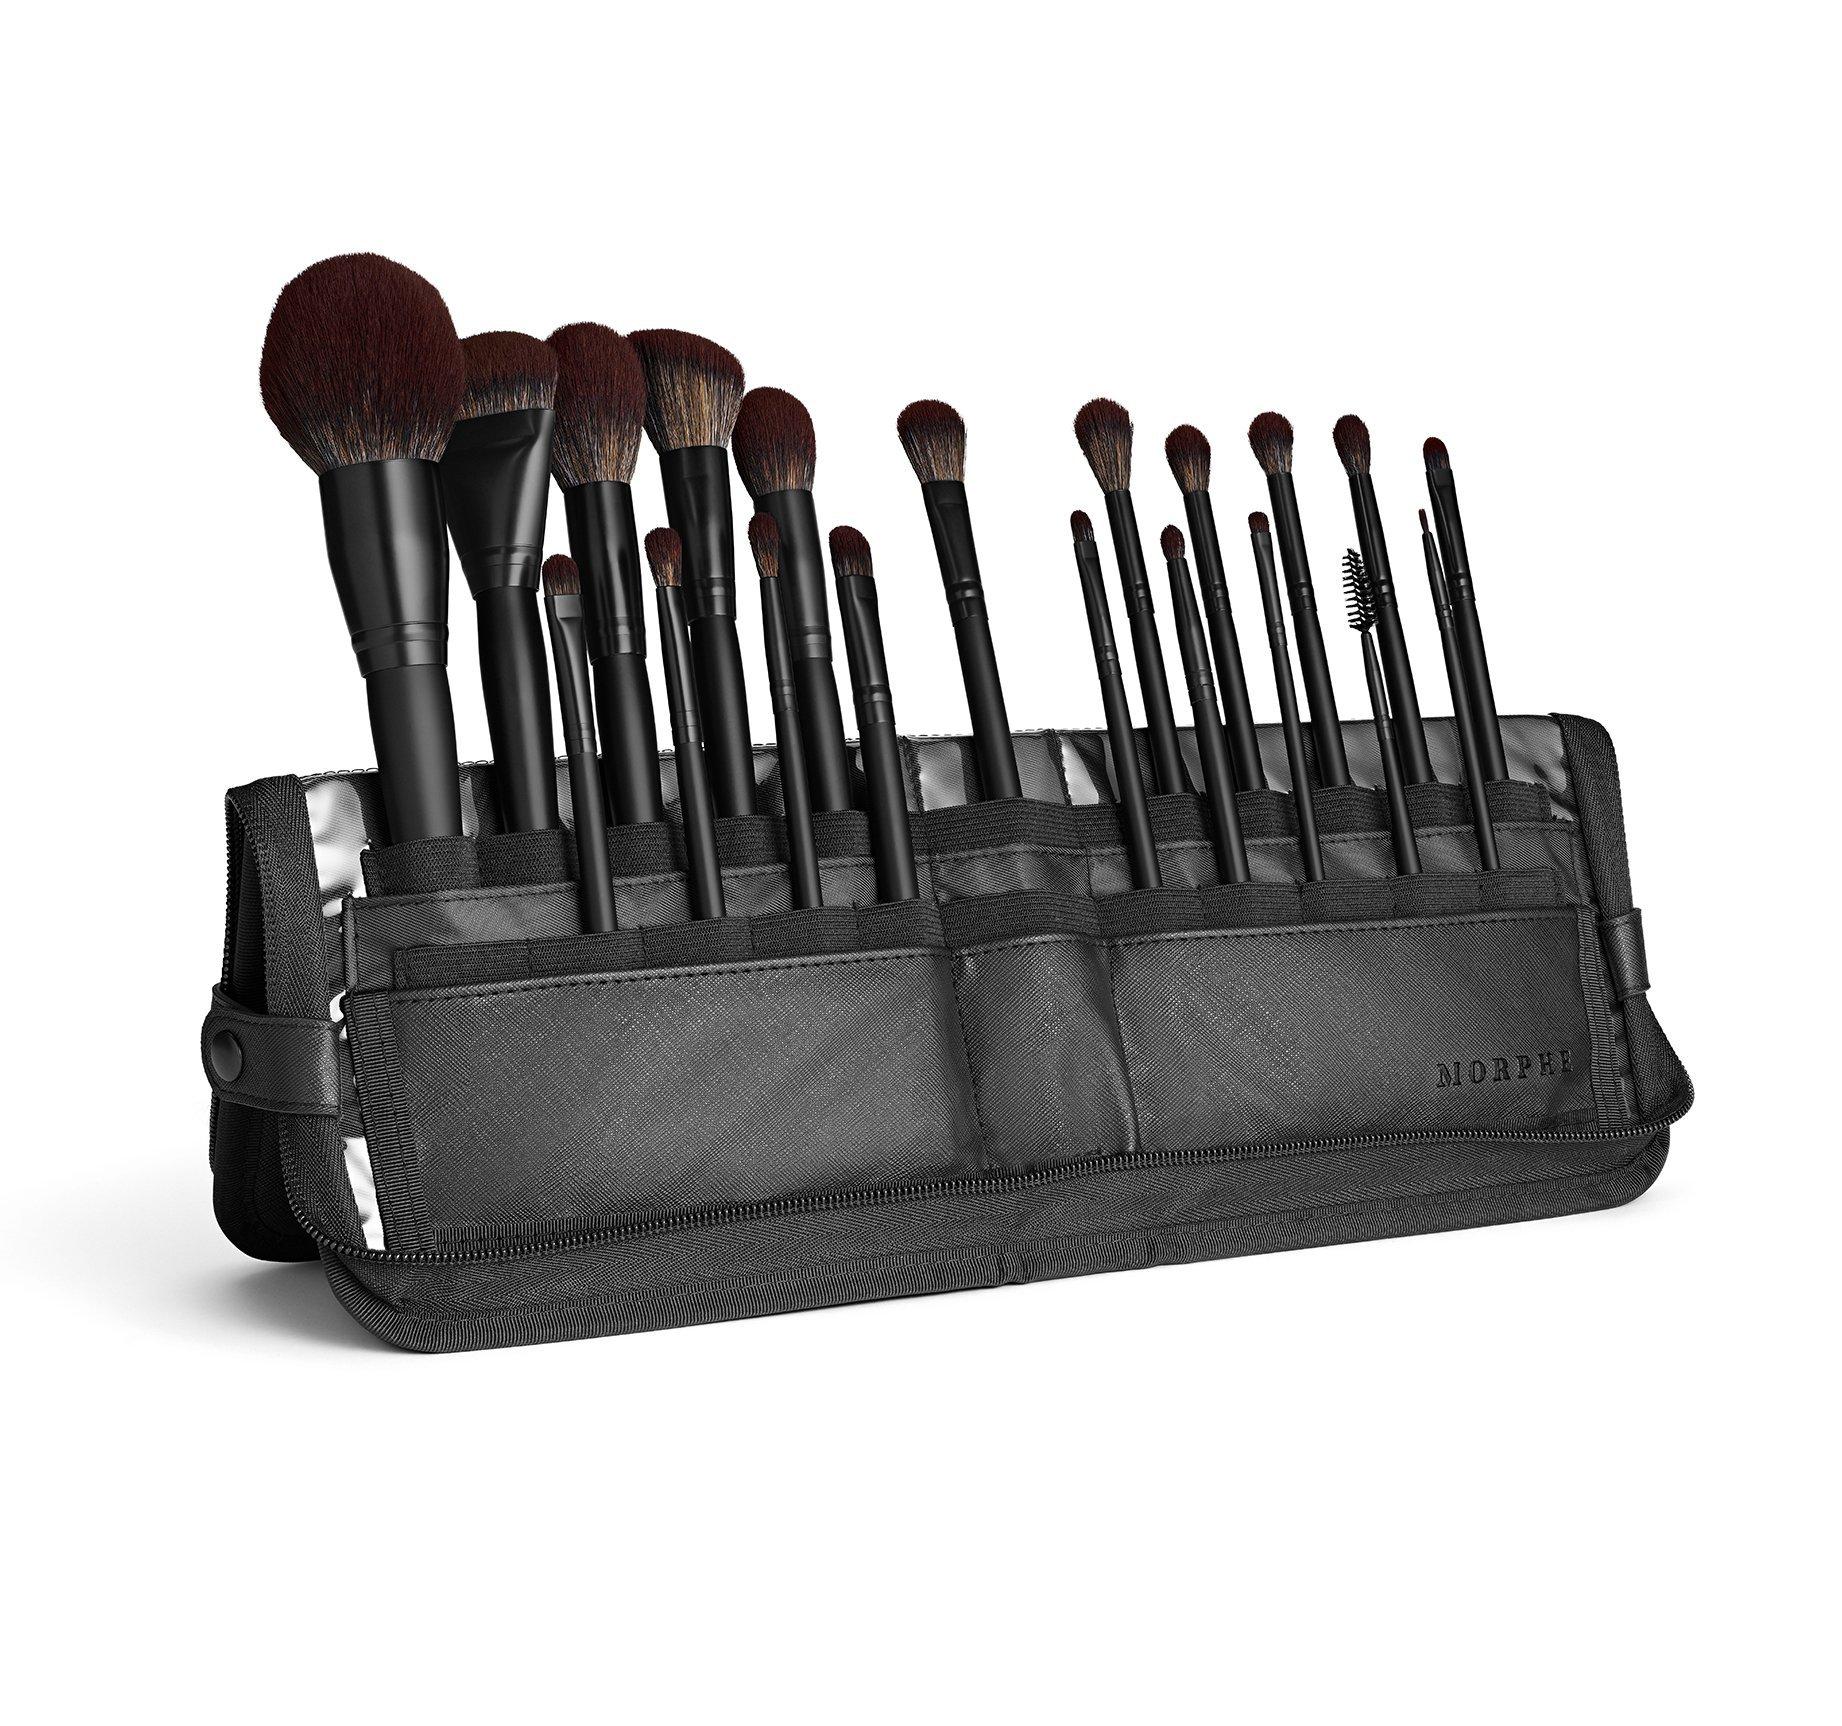 Morphe New Brush Sets